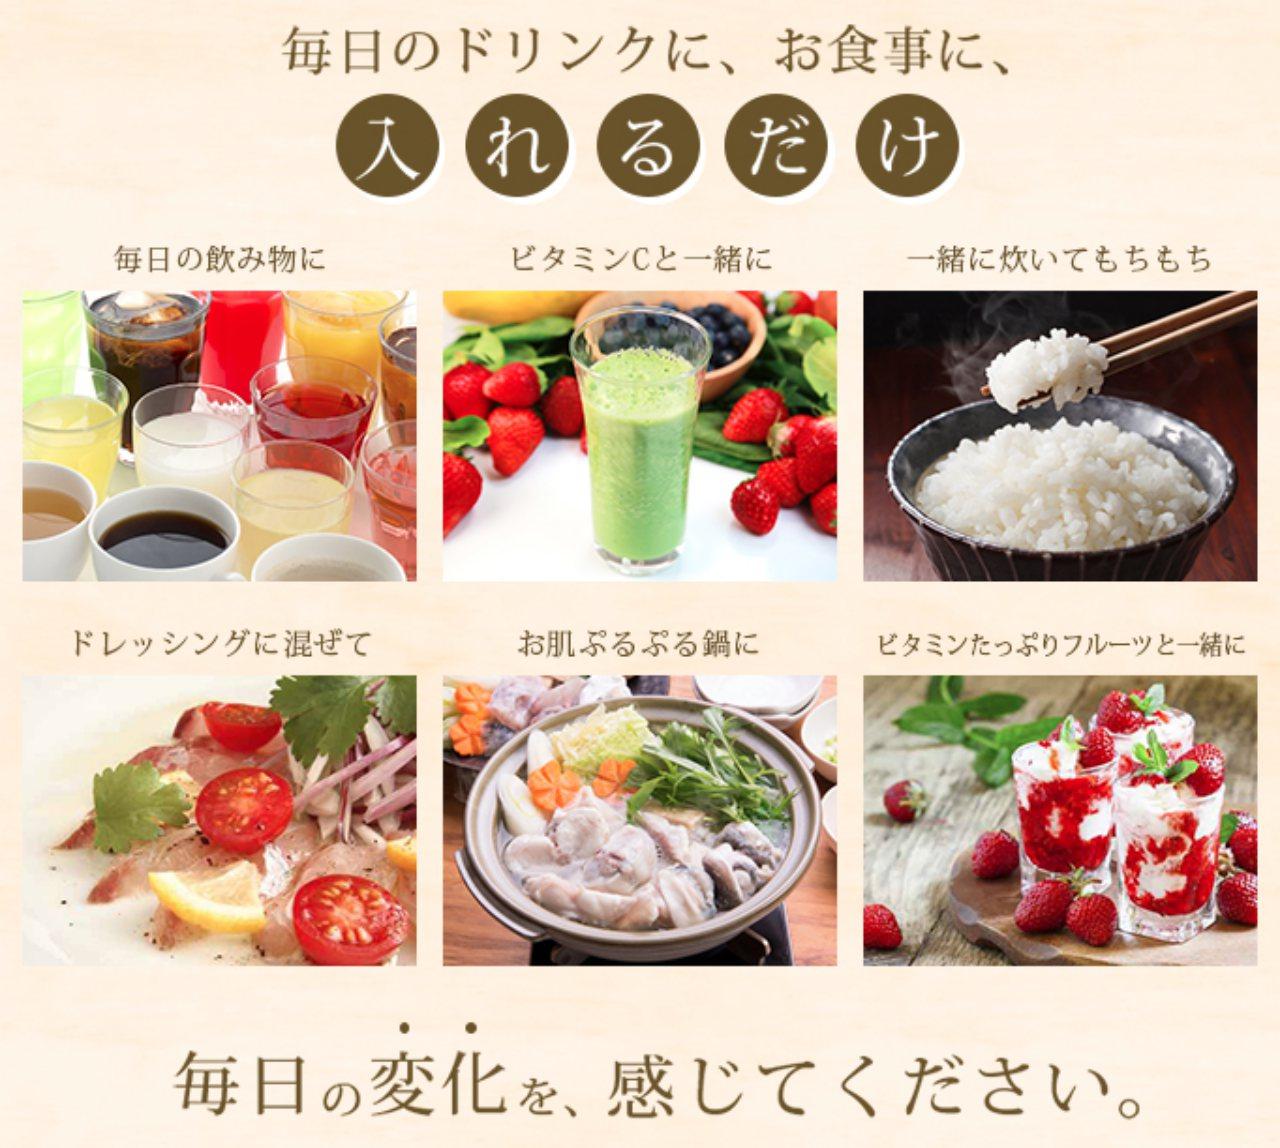 膠原蛋白飲推薦|日本超熱賣天使樂樂 高濃度海洋膠原蛋白純飲!無甜味、無腥味食用更方便!!